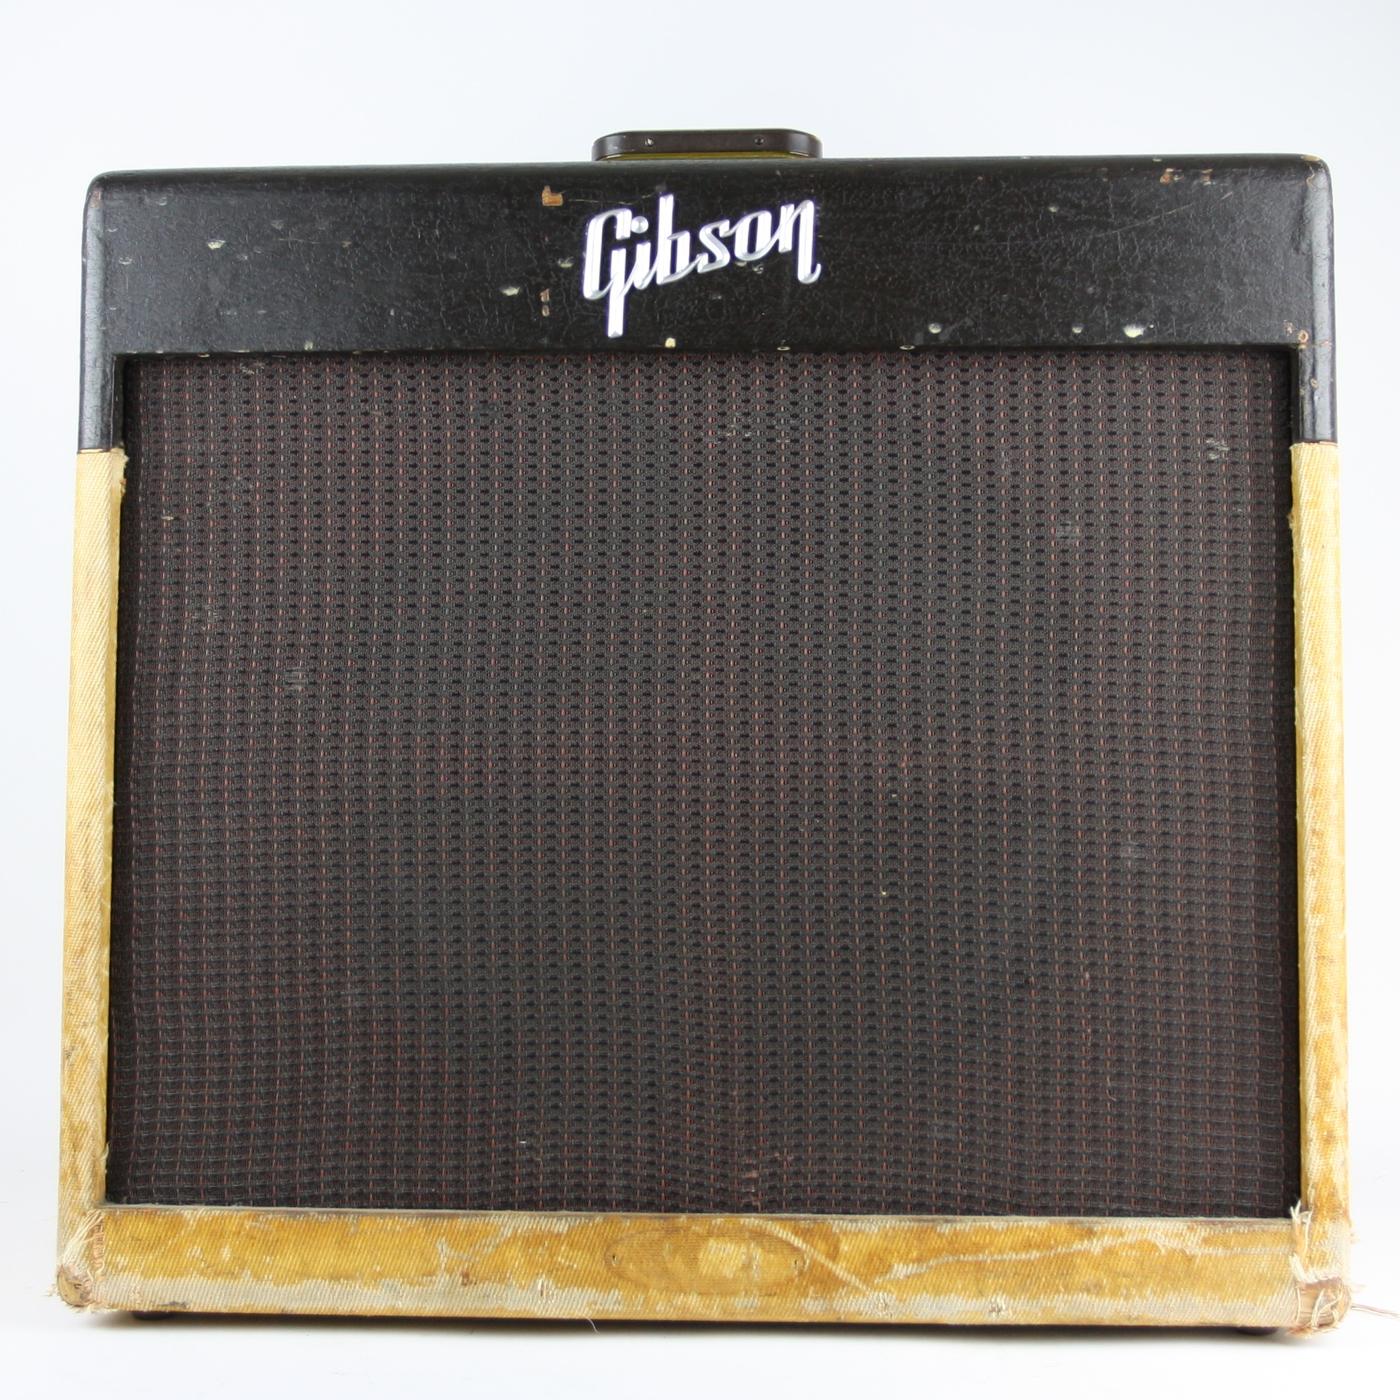 1958 Gibson GA-40 Amp detail 0